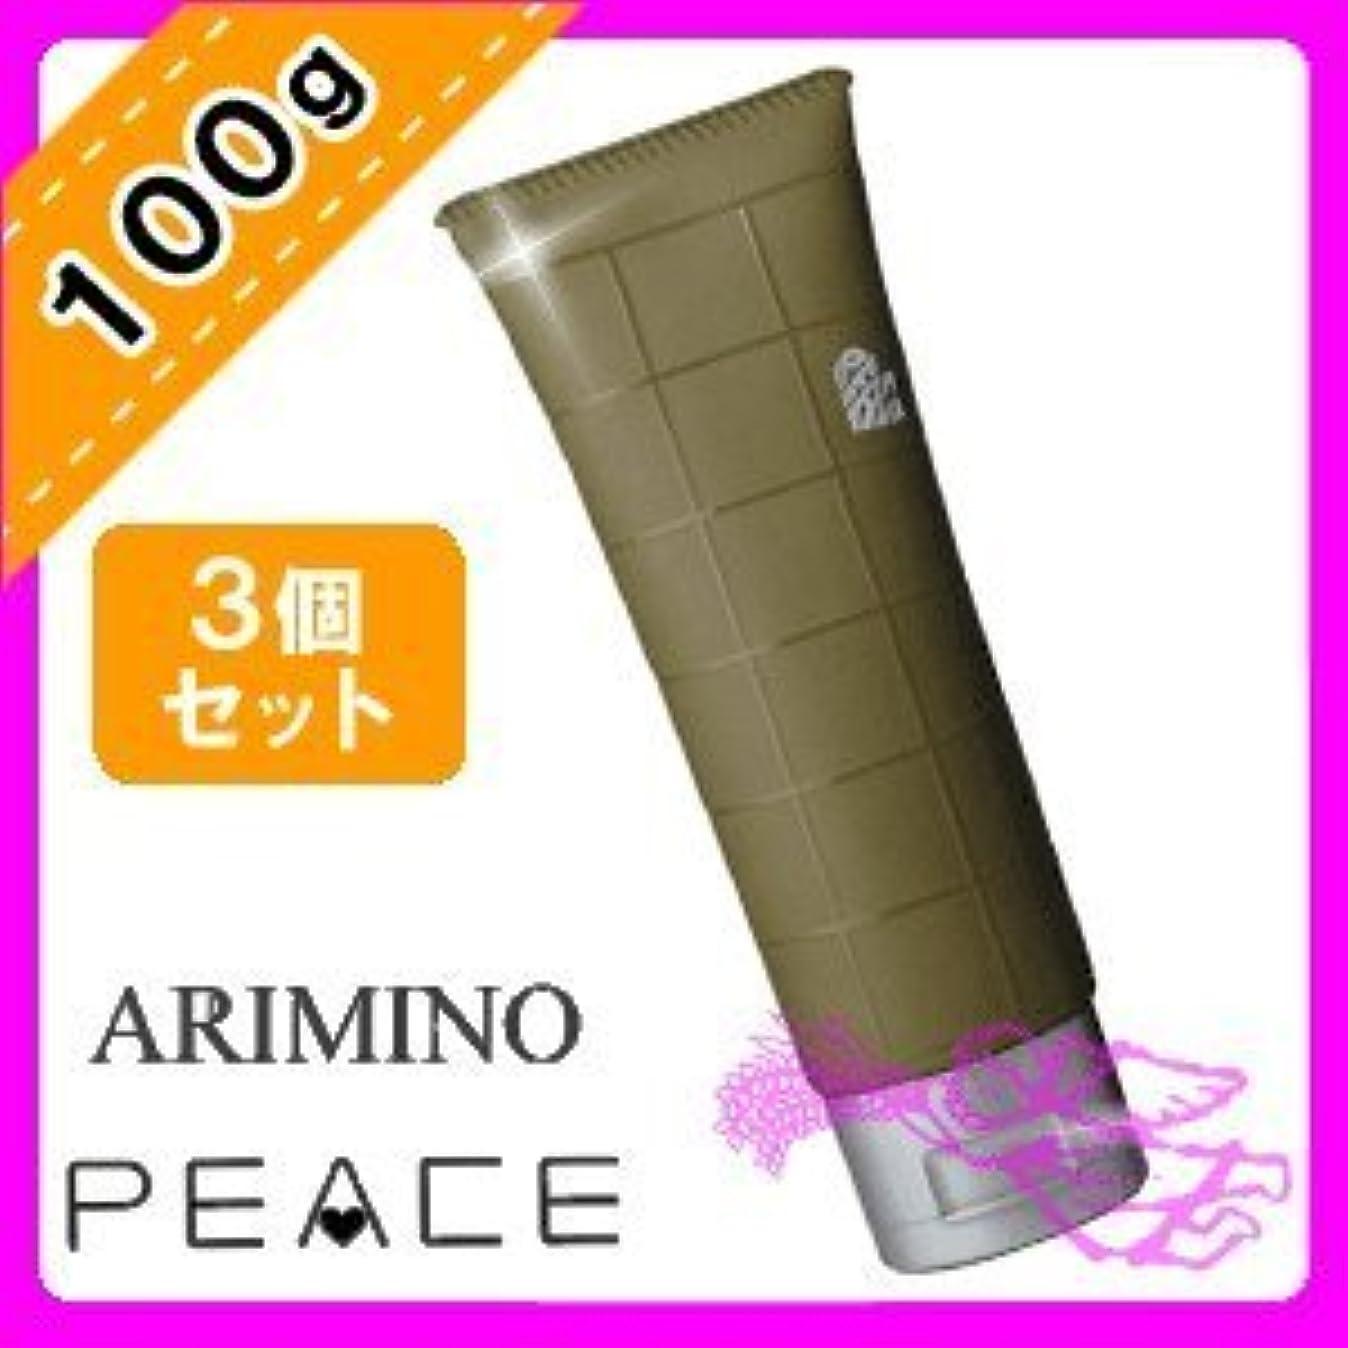 結紮種をまくバスタブアリミノ ピース ウェットオイル ワックス 100g ×3個セット arimino PEACE